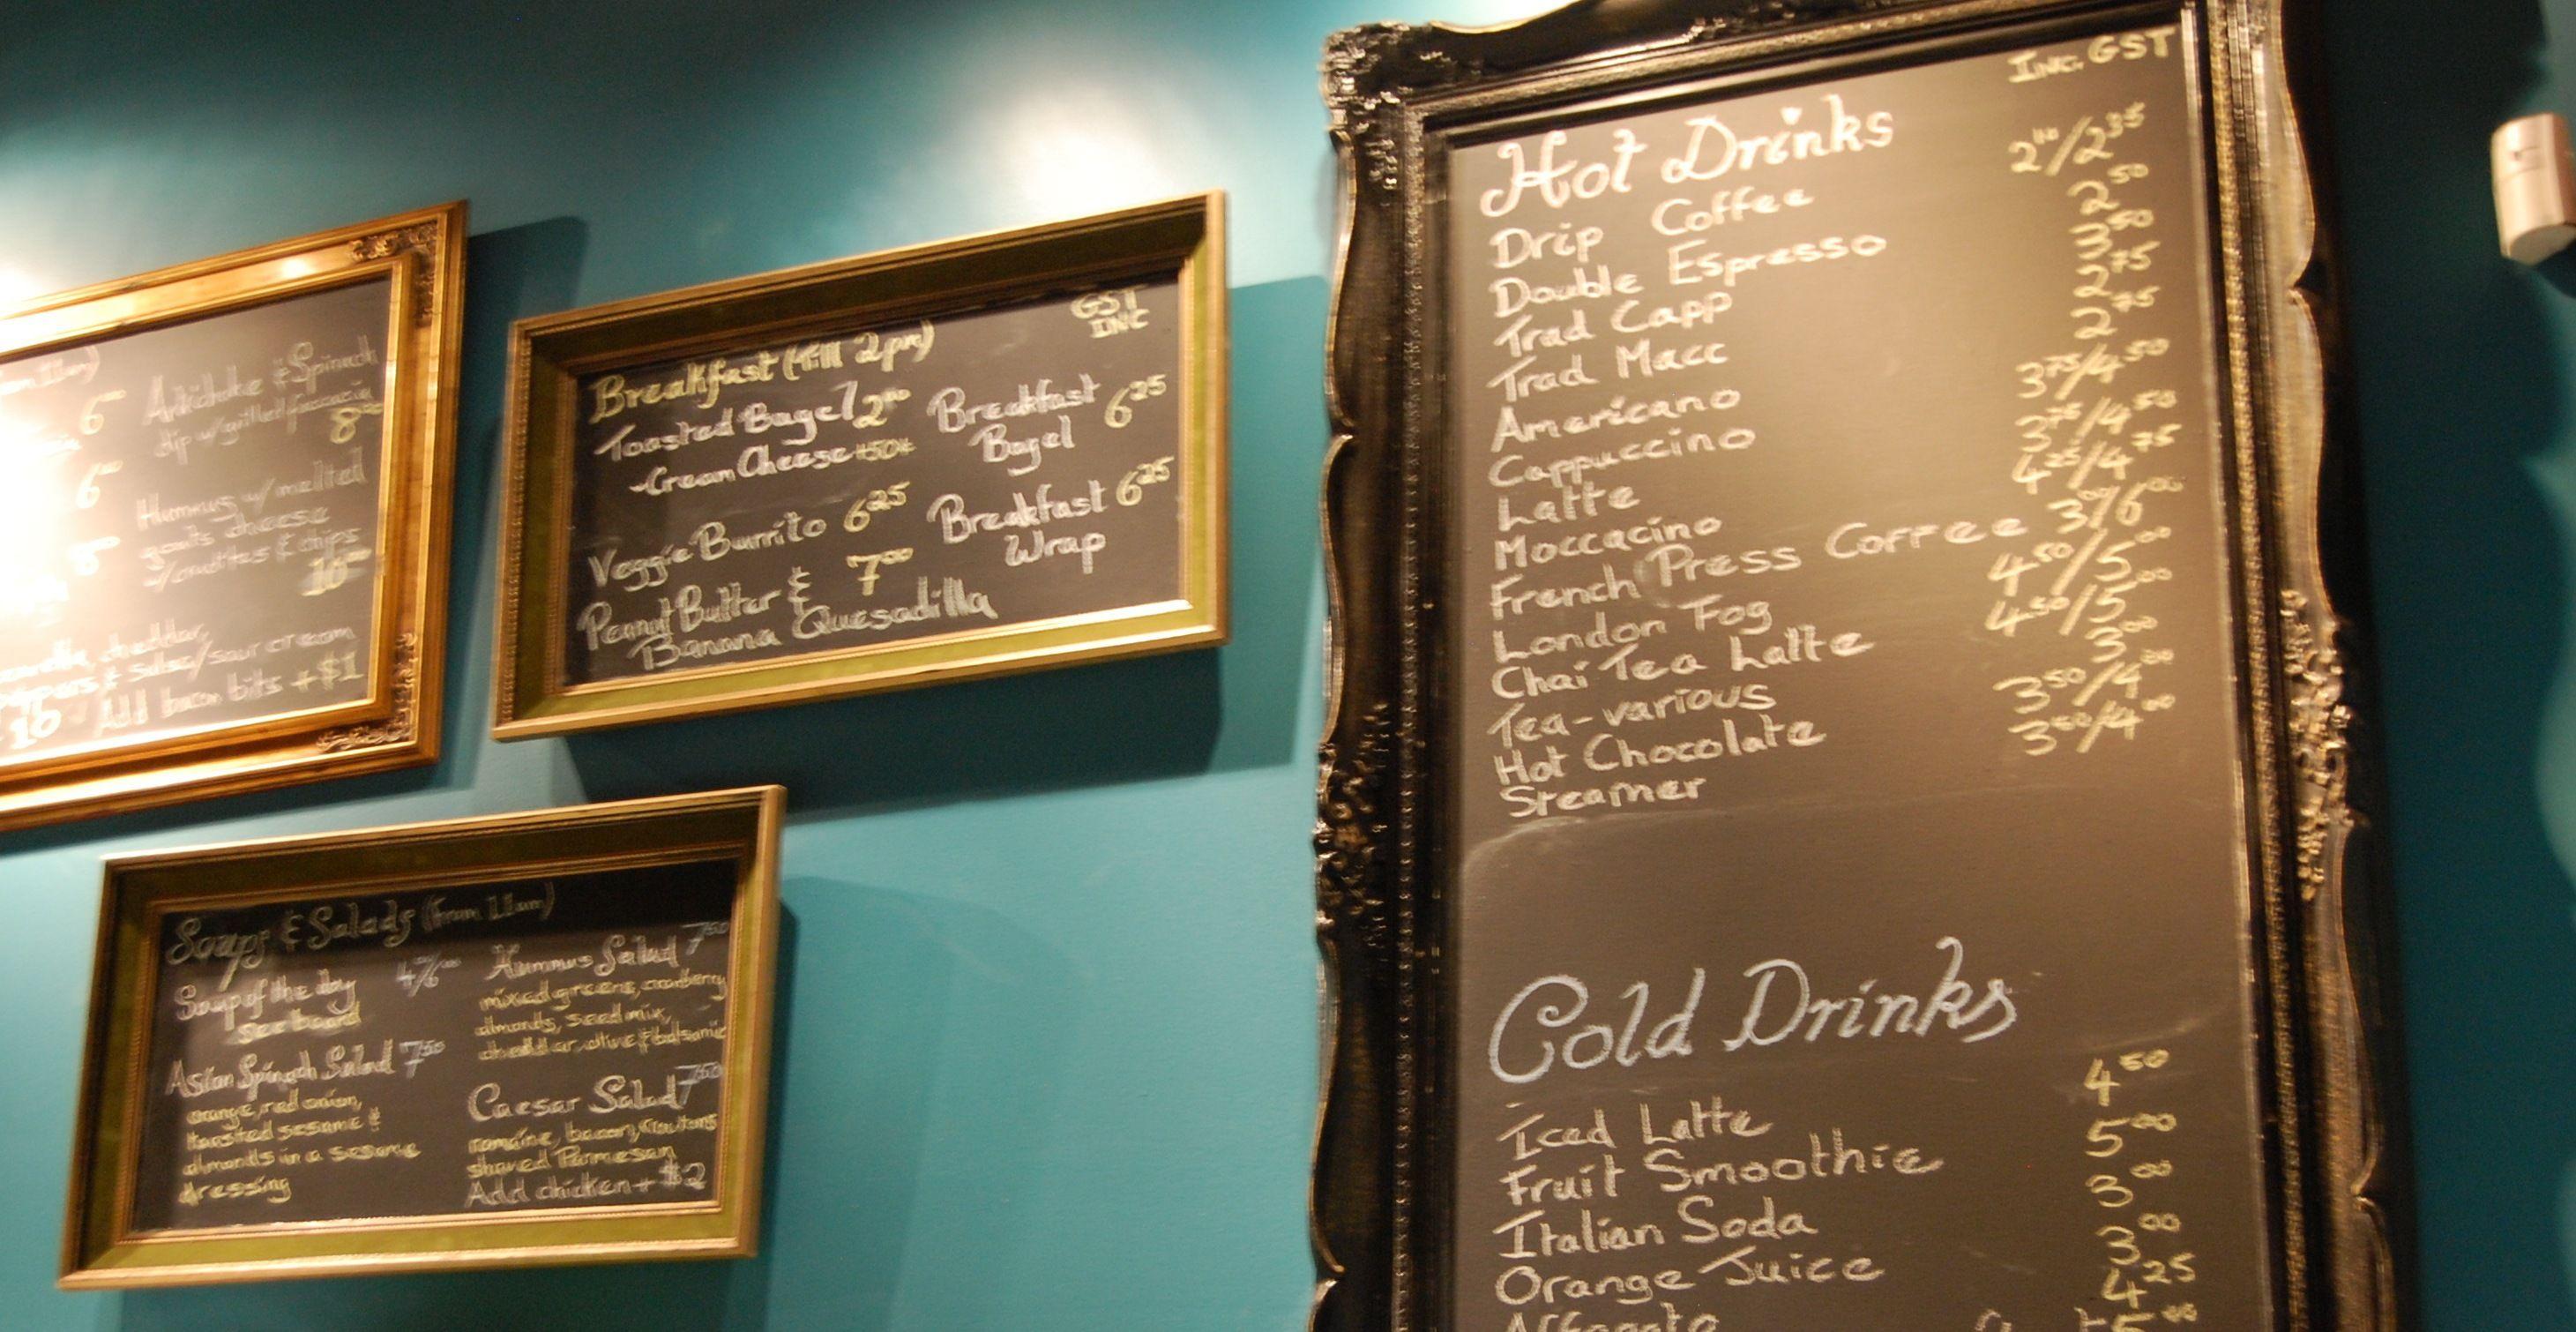 Cafe Haven Coffee Shop Menu Board Coffee Shop Menu My Coffee Shop